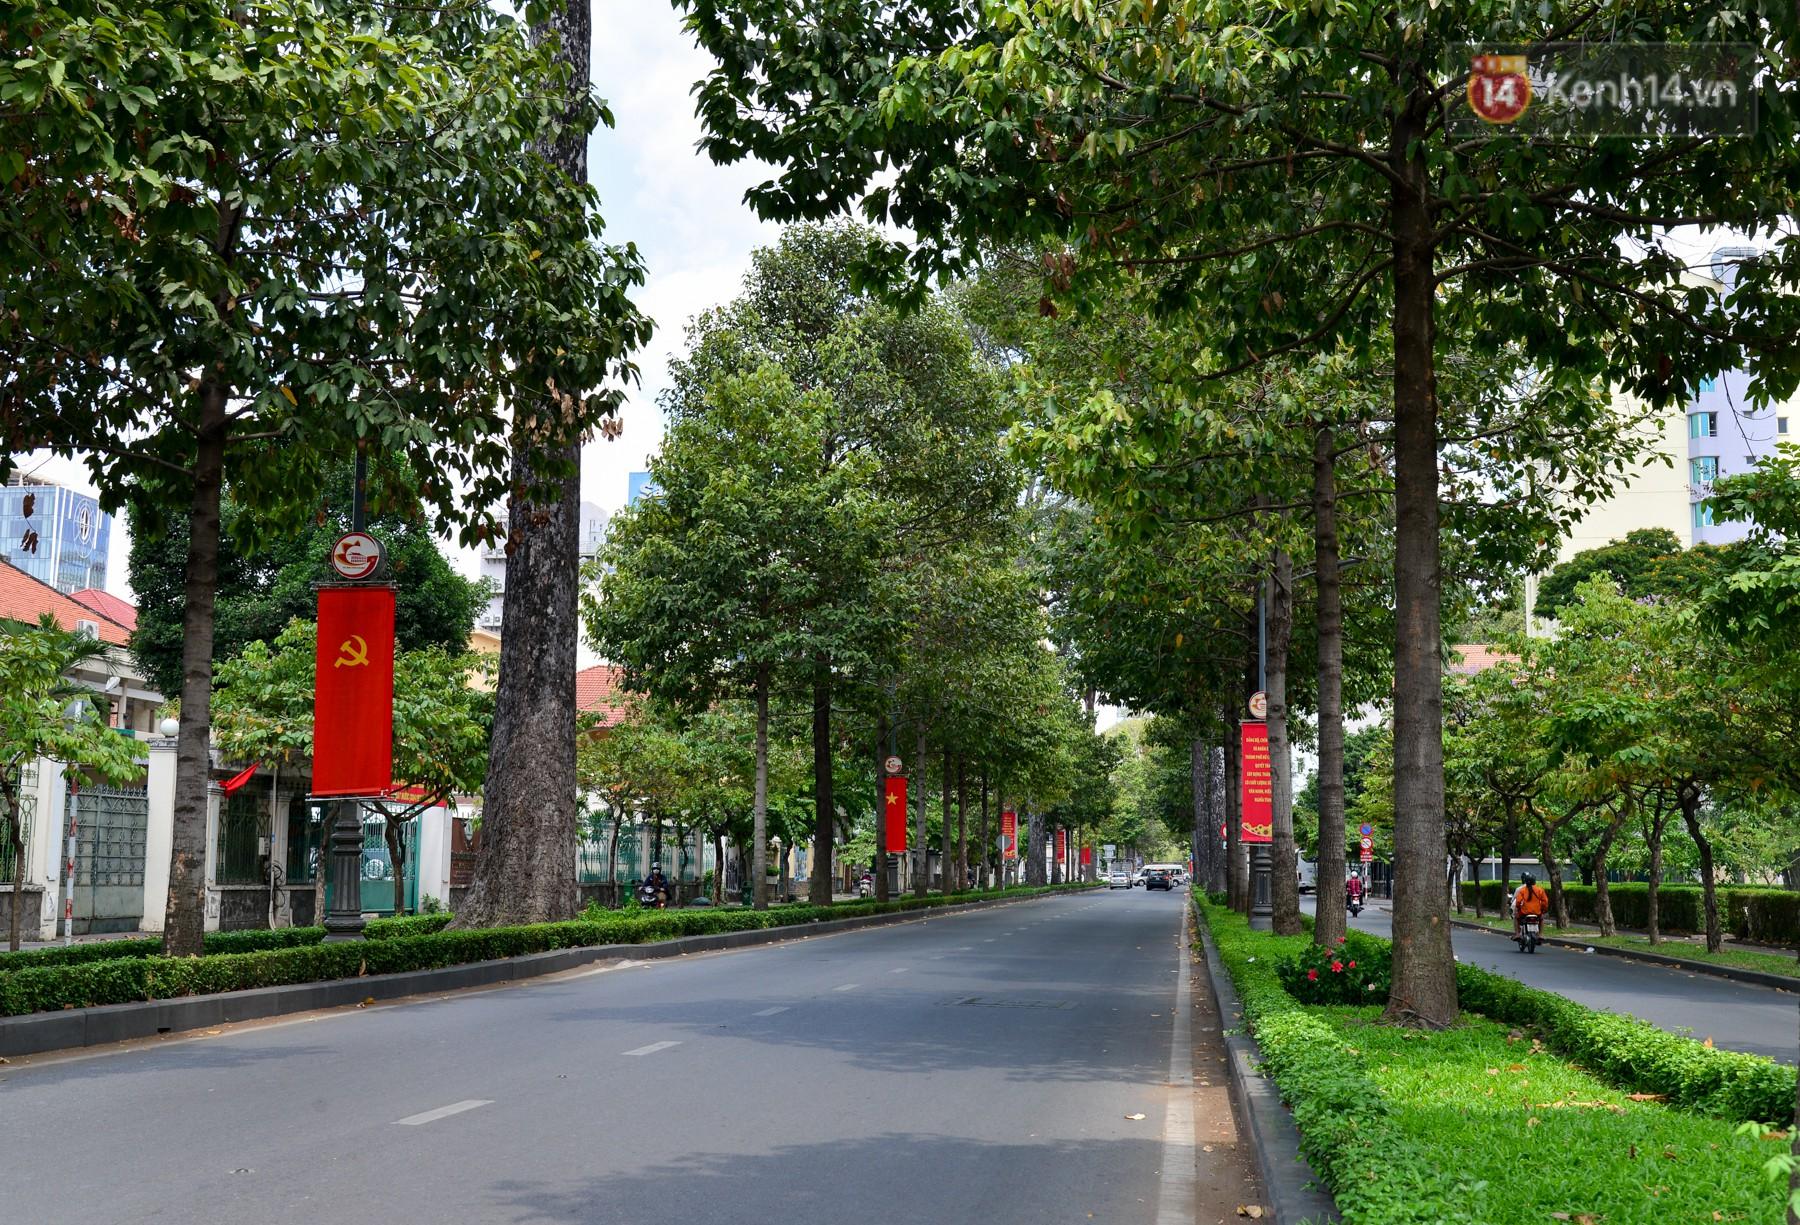 Chùm ảnh: Những ngày này, có một Sài Gòn tĩnh lặng lạ thường khi người dân đã rủ nhau đi trốn - Ảnh 8.